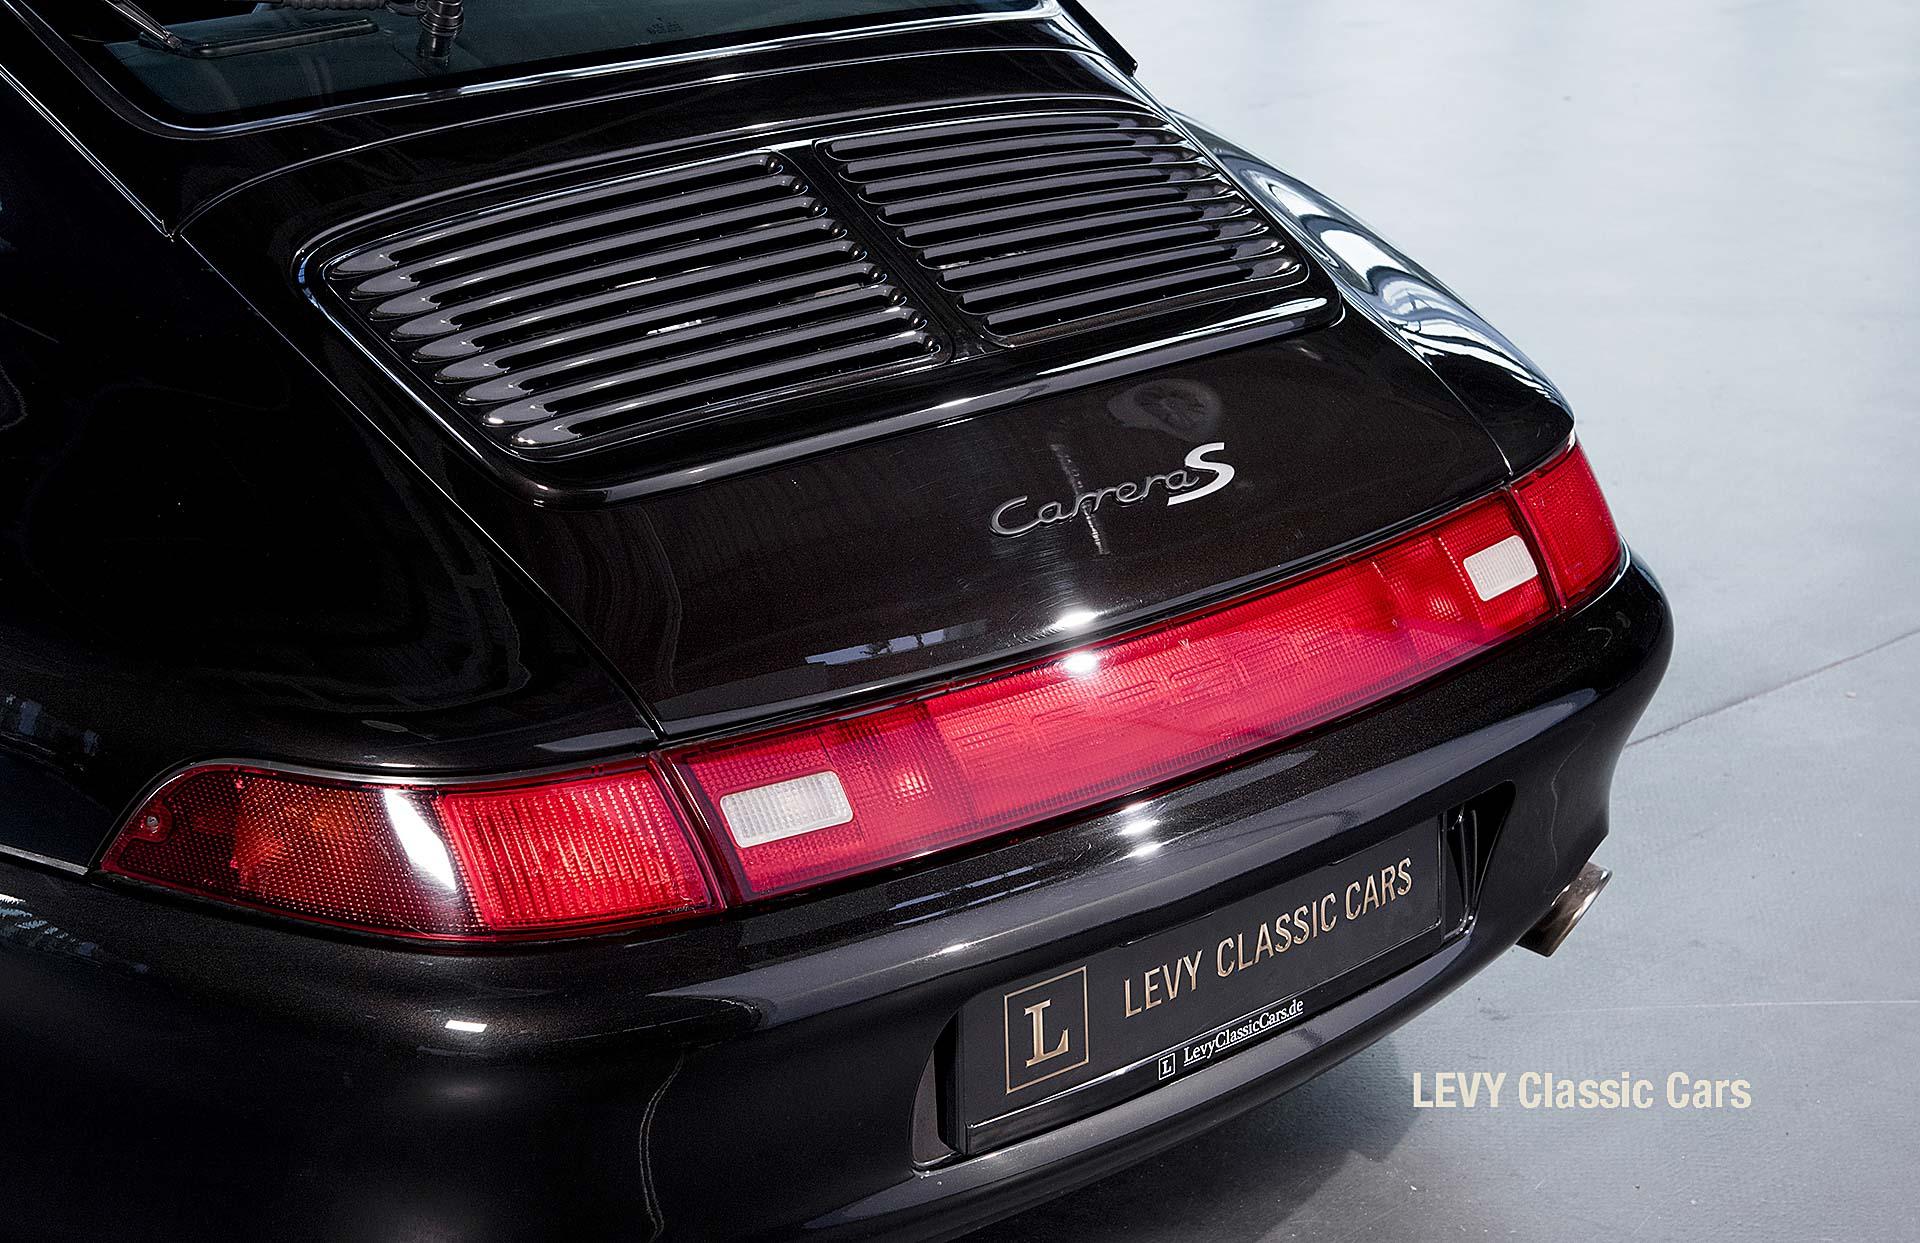 geschaerft Porsche Carrera 2 S 11679 06